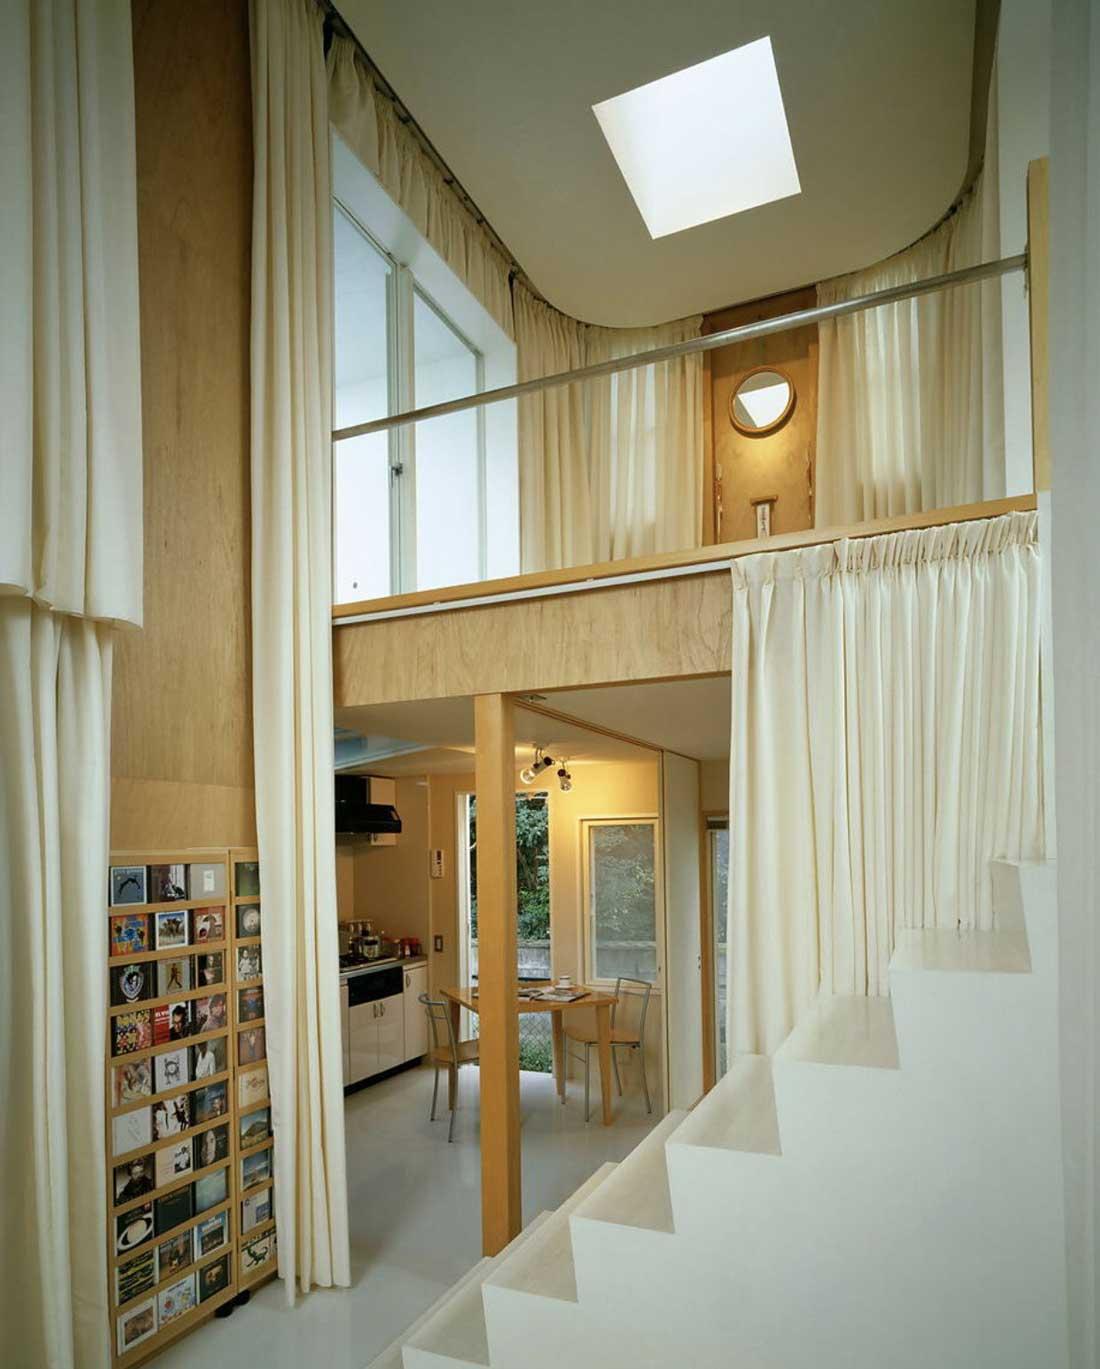 Des rideaux séparent les différents espaces de la maison : rez-de-chaussée et étage, cuisine et escalier...